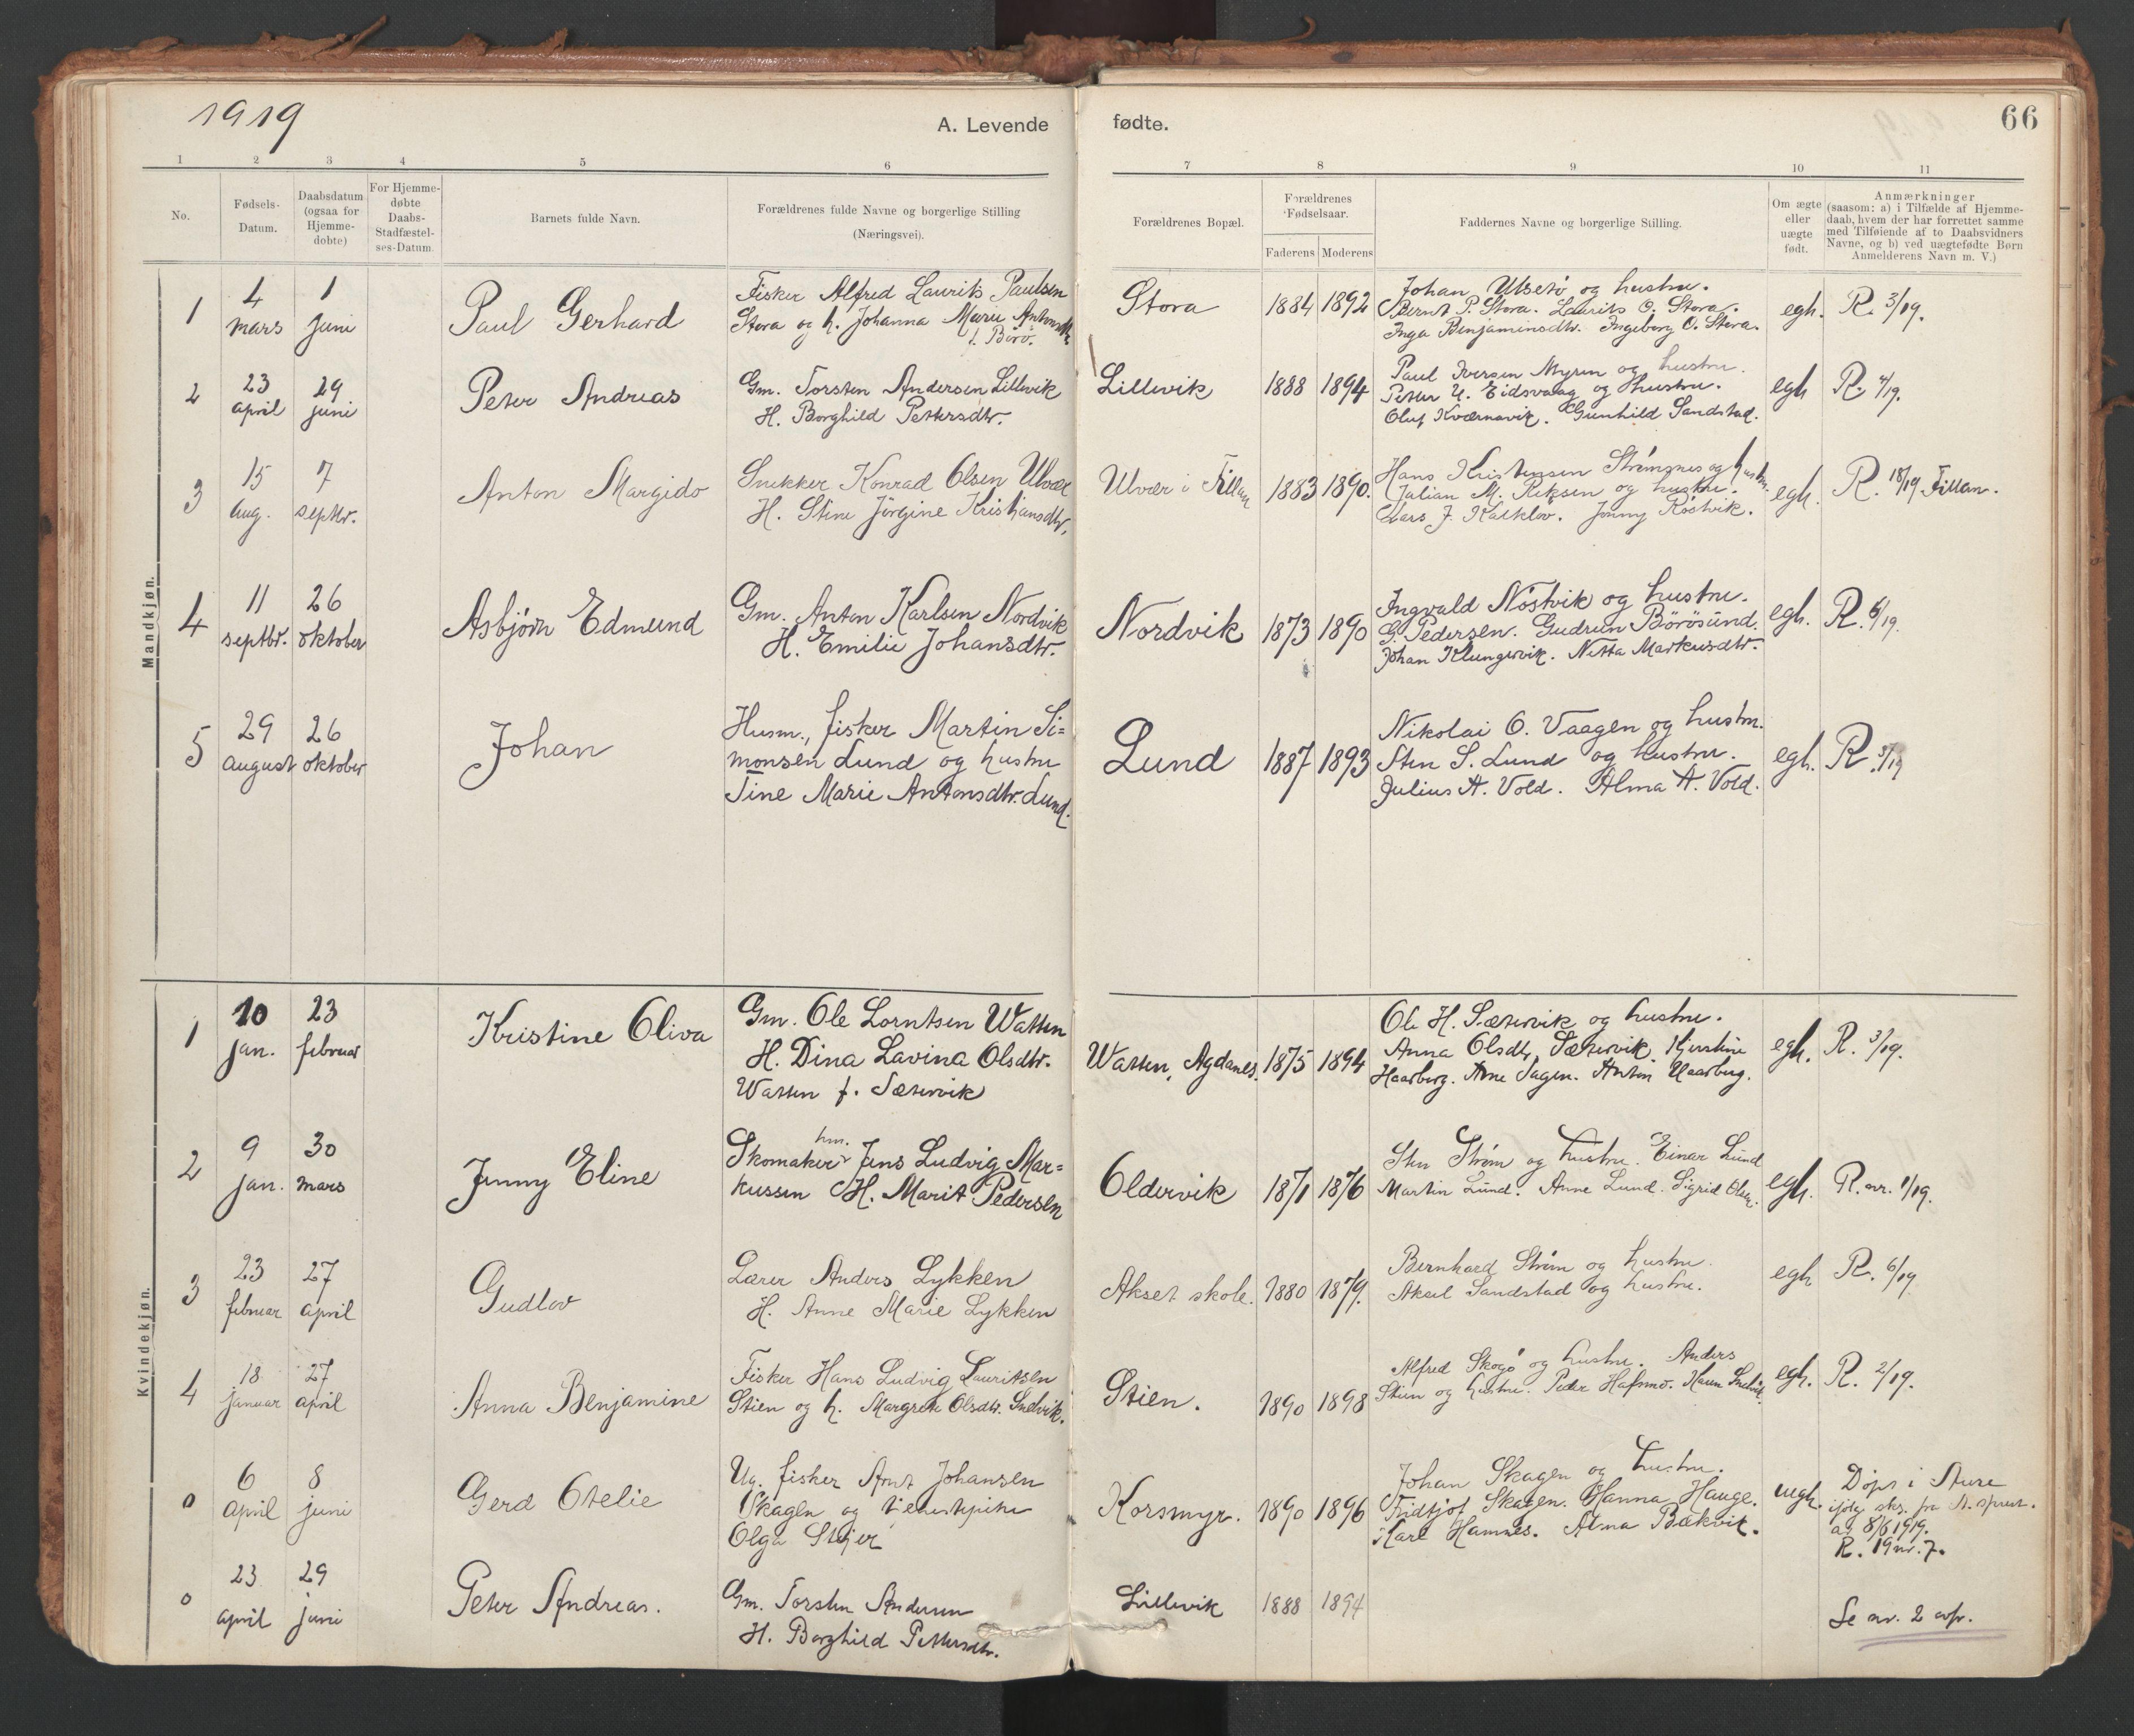 SAT, Ministerialprotokoller, klokkerbøker og fødselsregistre - Sør-Trøndelag, 639/L0572: Ministerialbok nr. 639A01, 1890-1920, s. 66